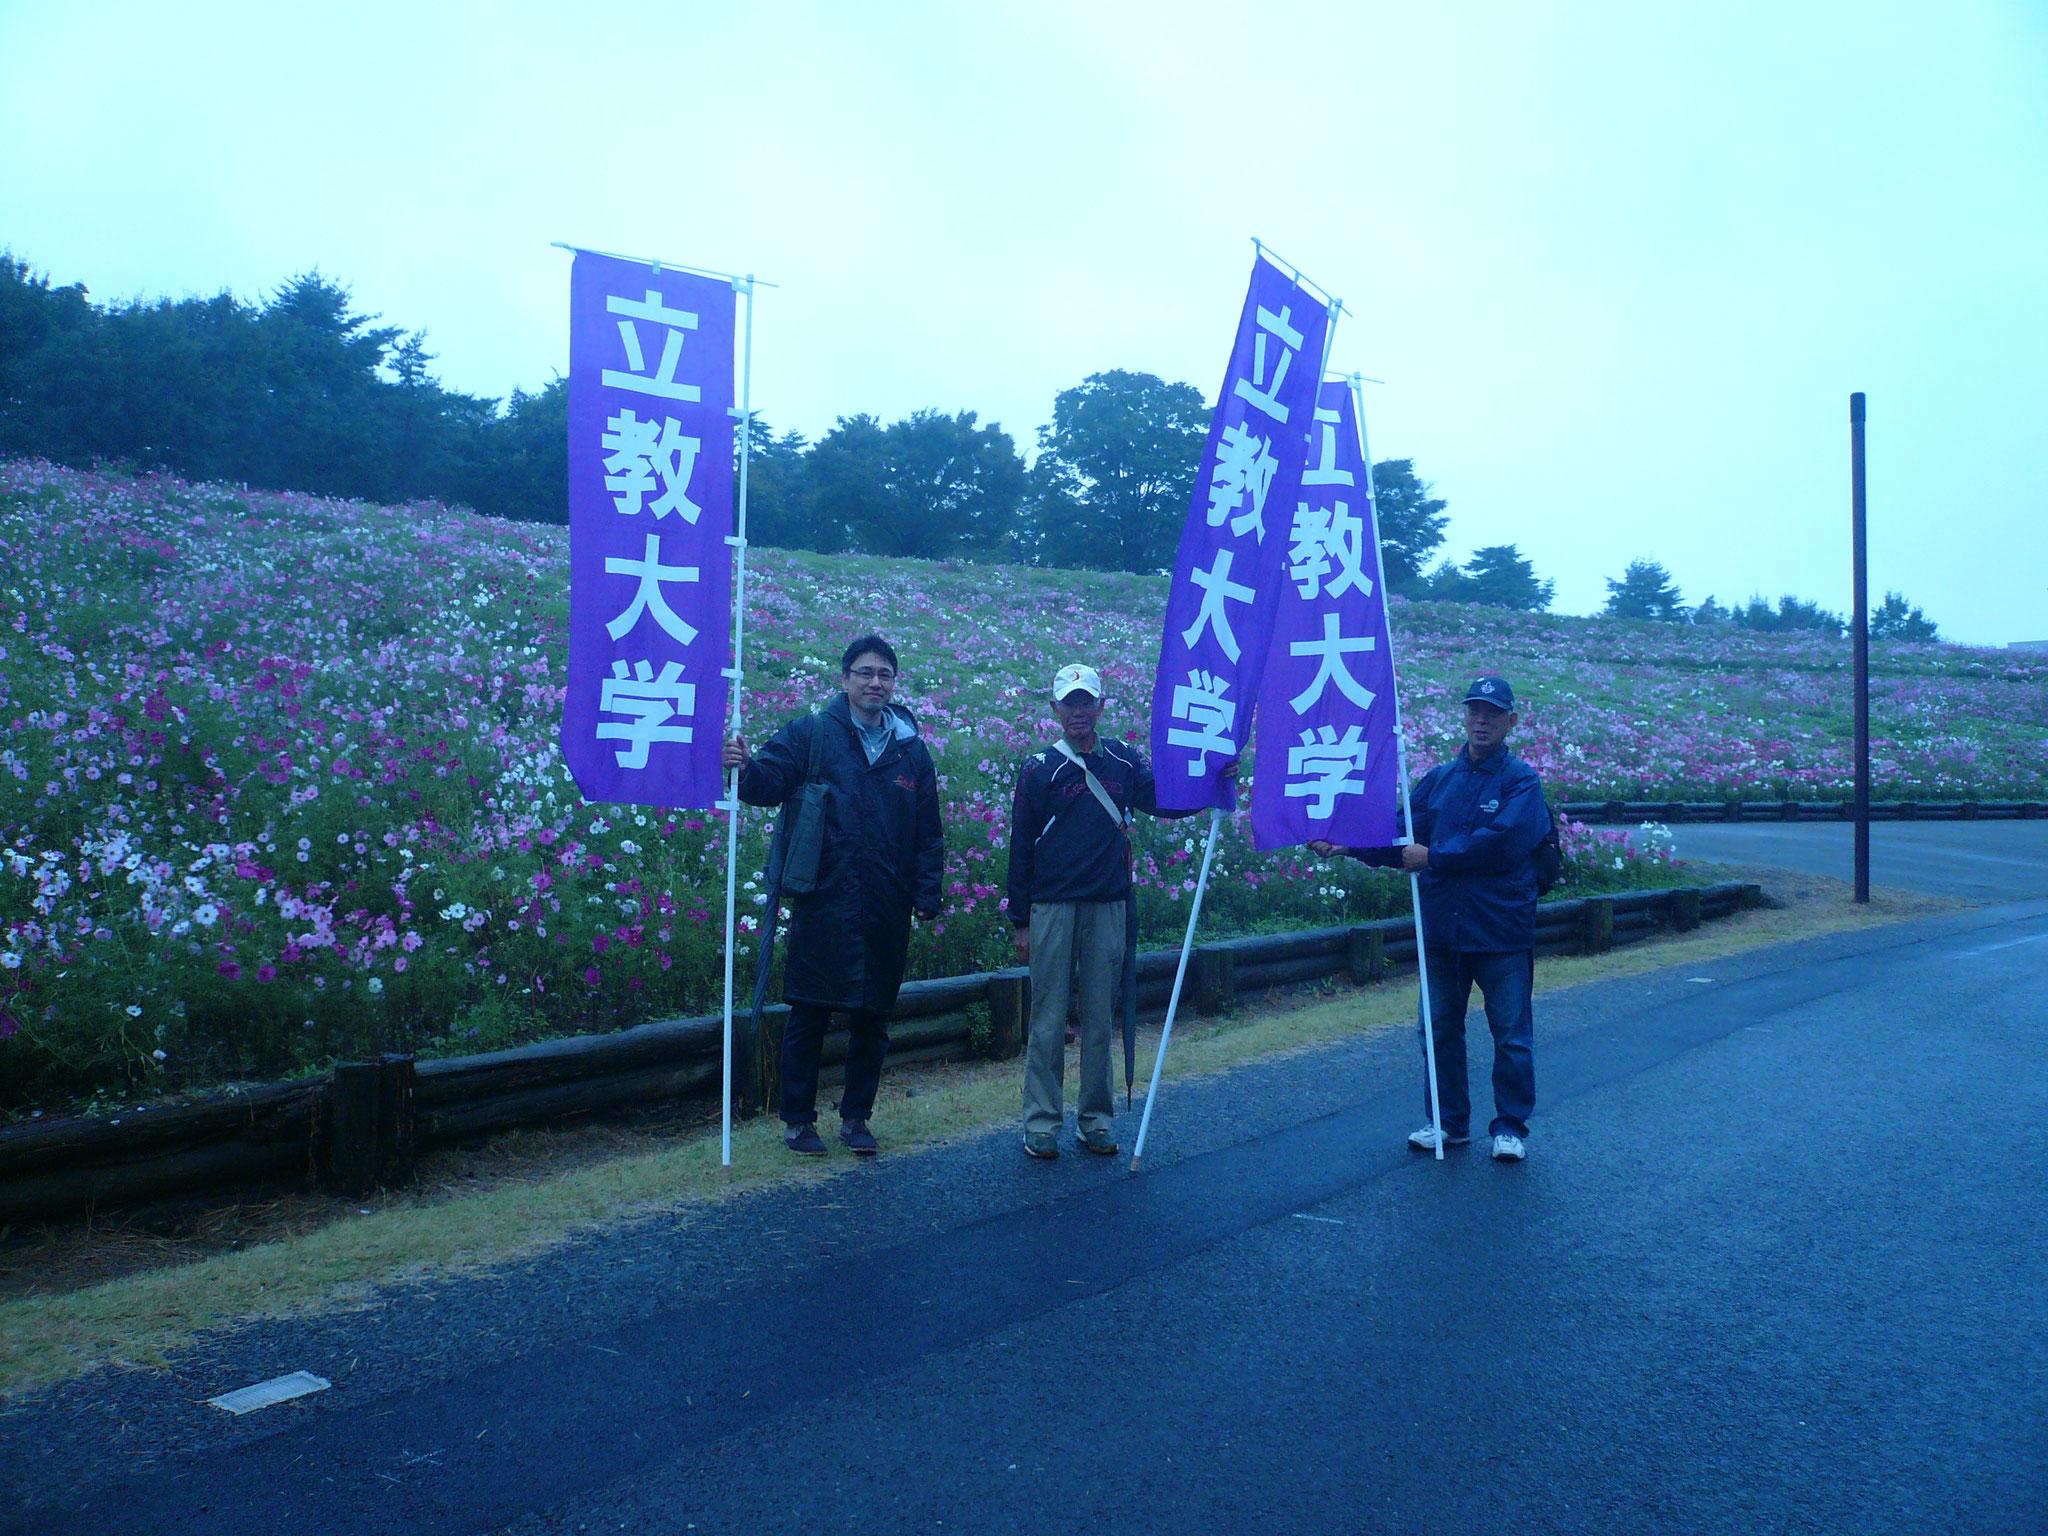 今年も昭和記念公園の秋桜がきれい